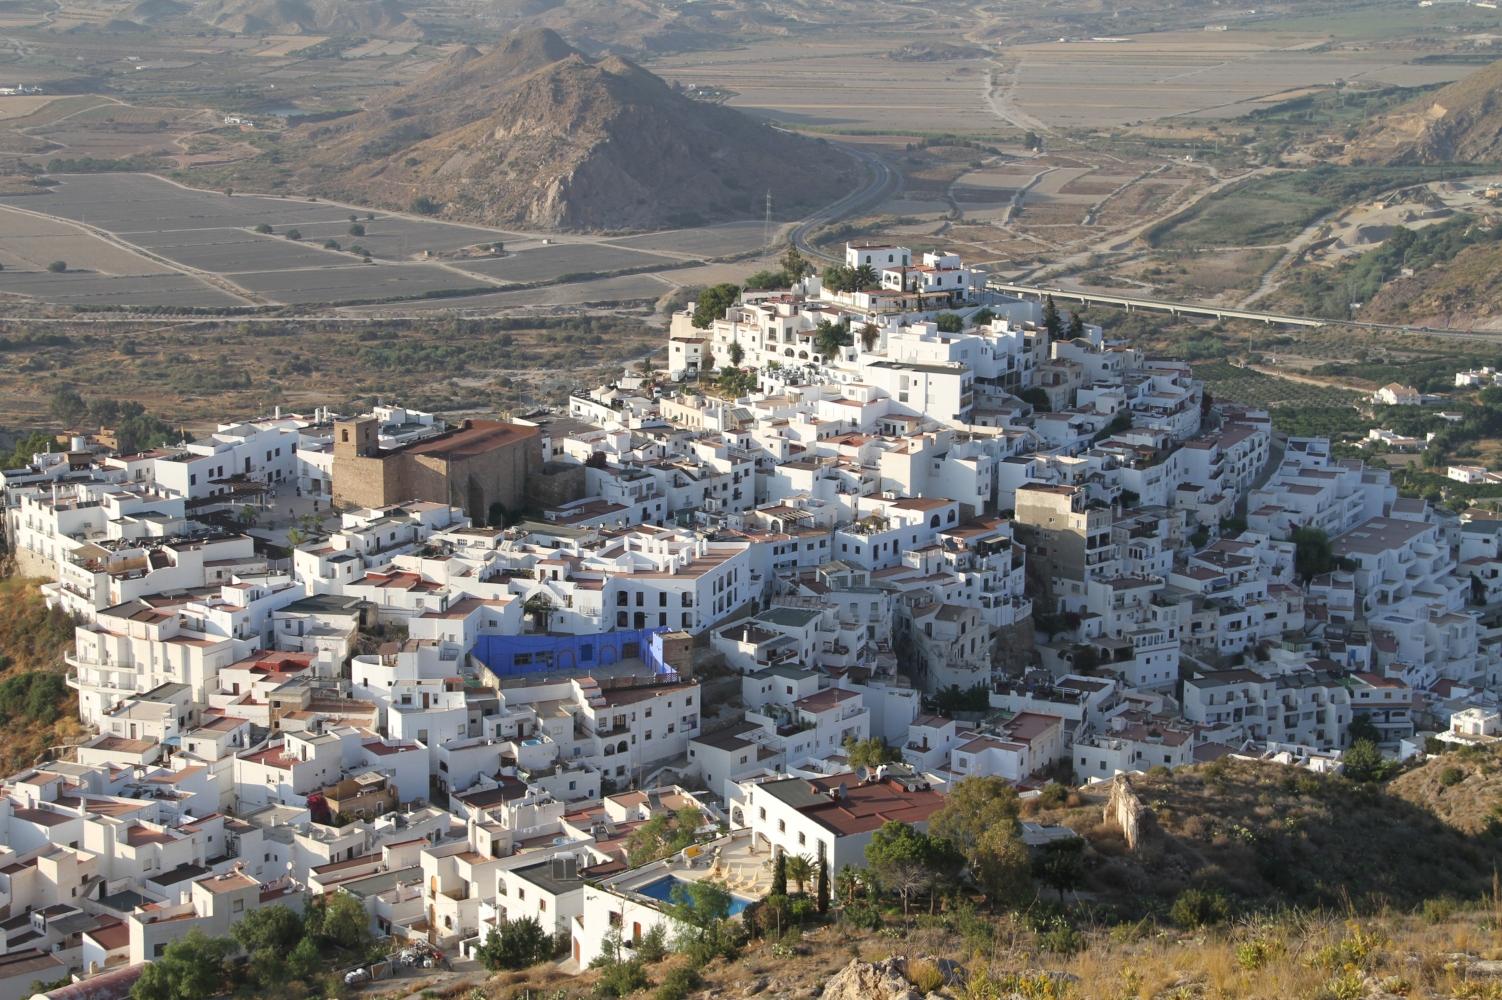 Vista área de Mojácar